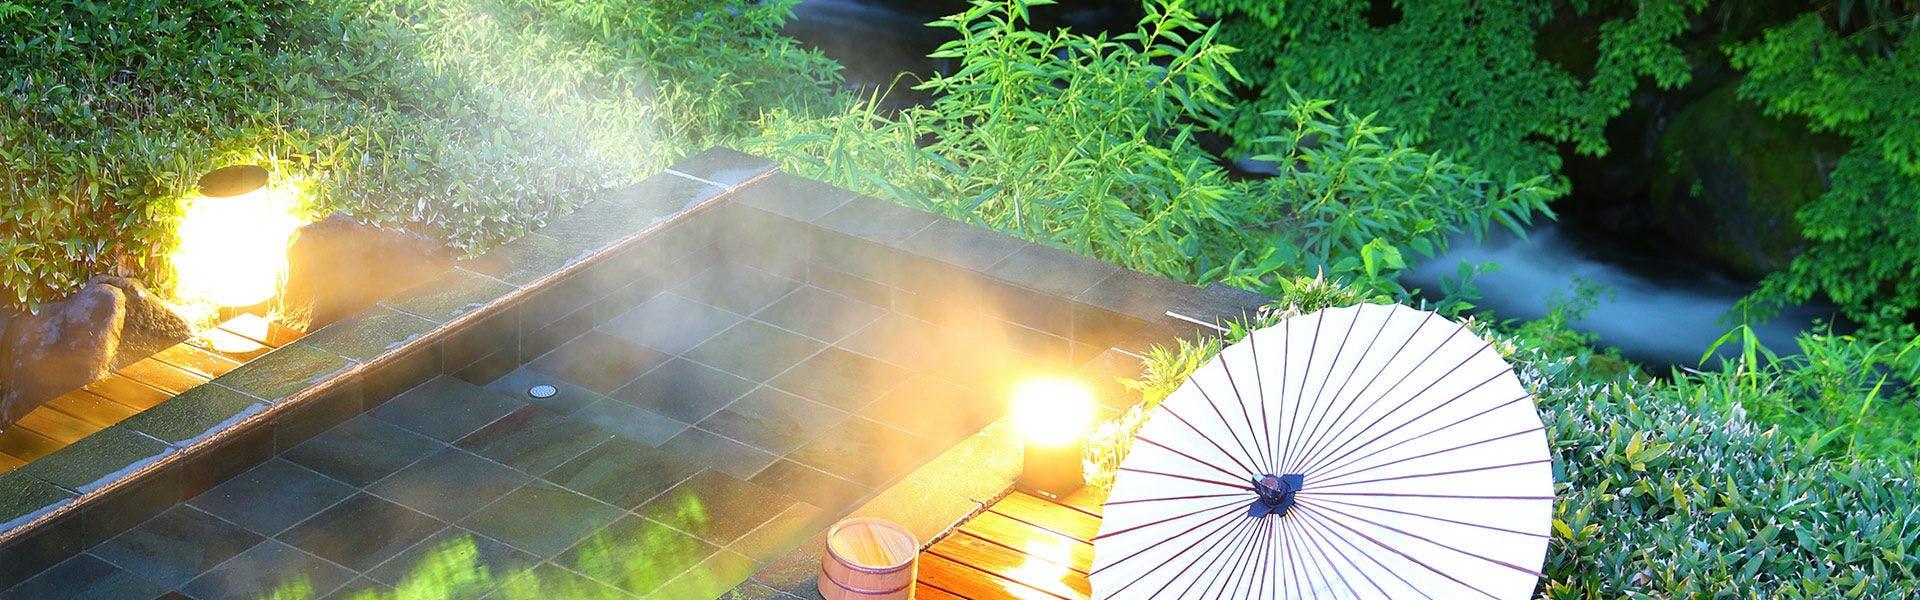 記念日におすすめのホテル・奥湯河原 結唯 -YUI-の写真1